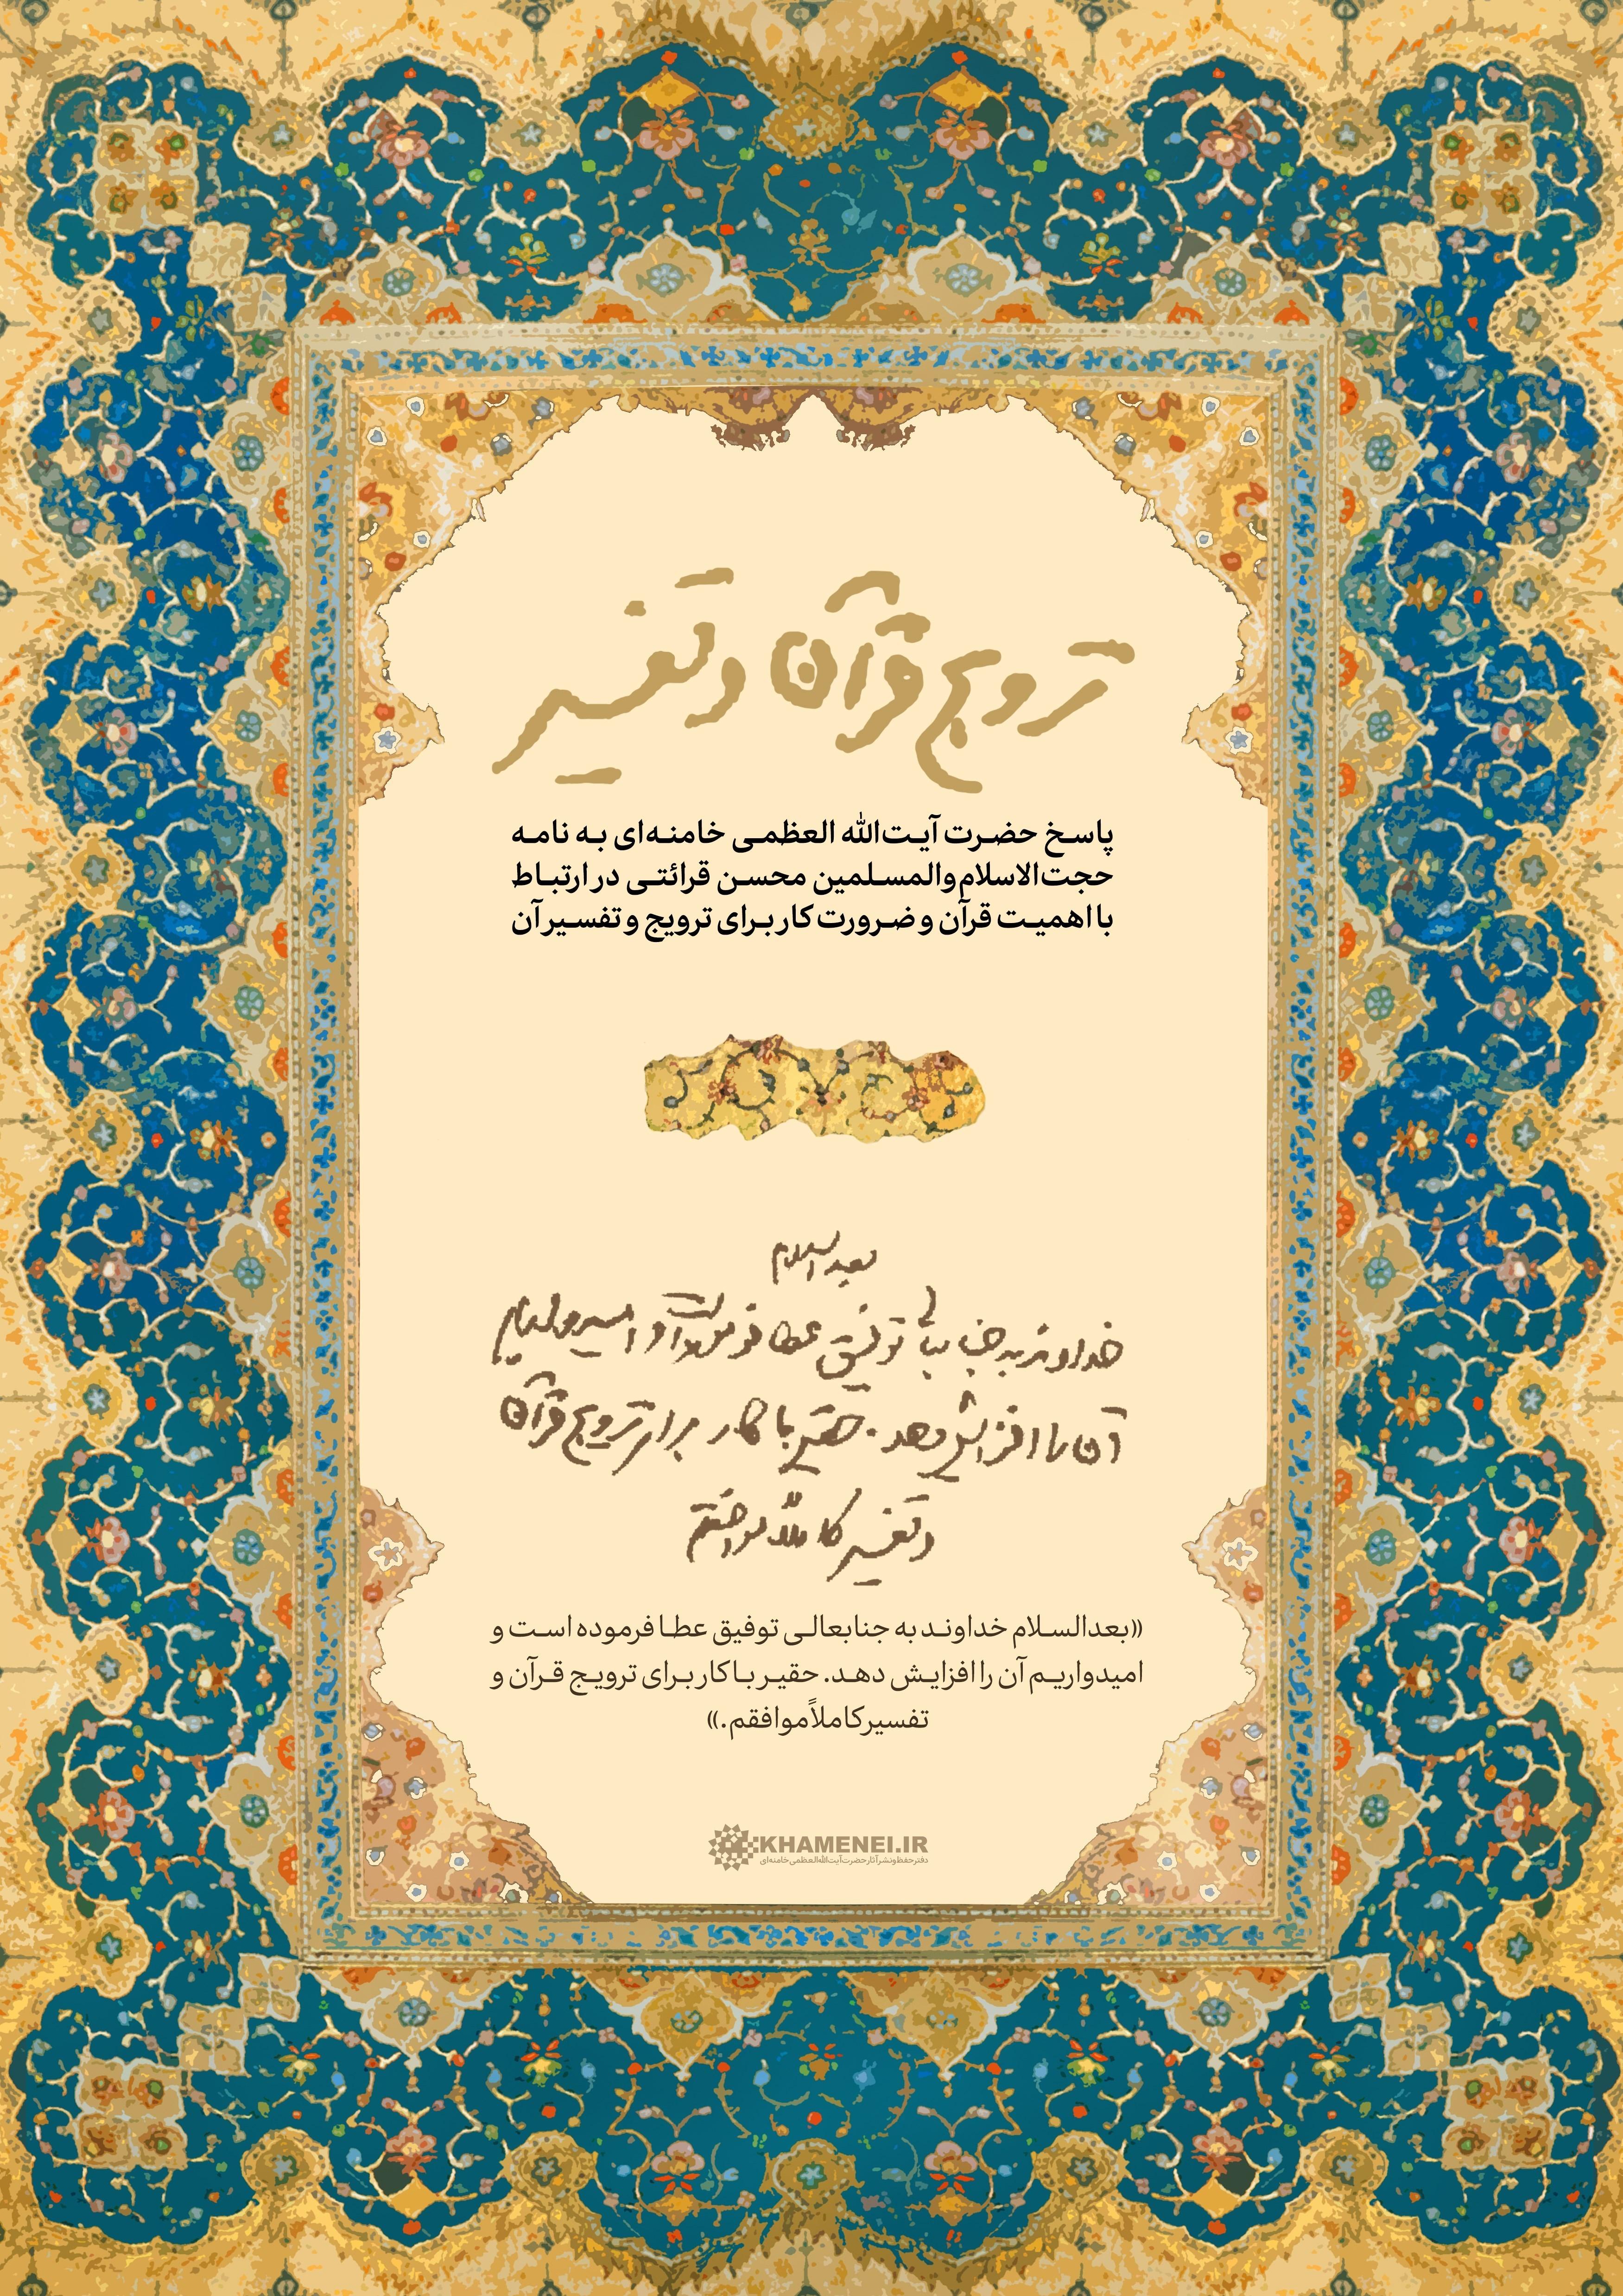 امام خامنهای , محسن قرائتی , ماه مبارک رمضان , تفسیر قرآن ,